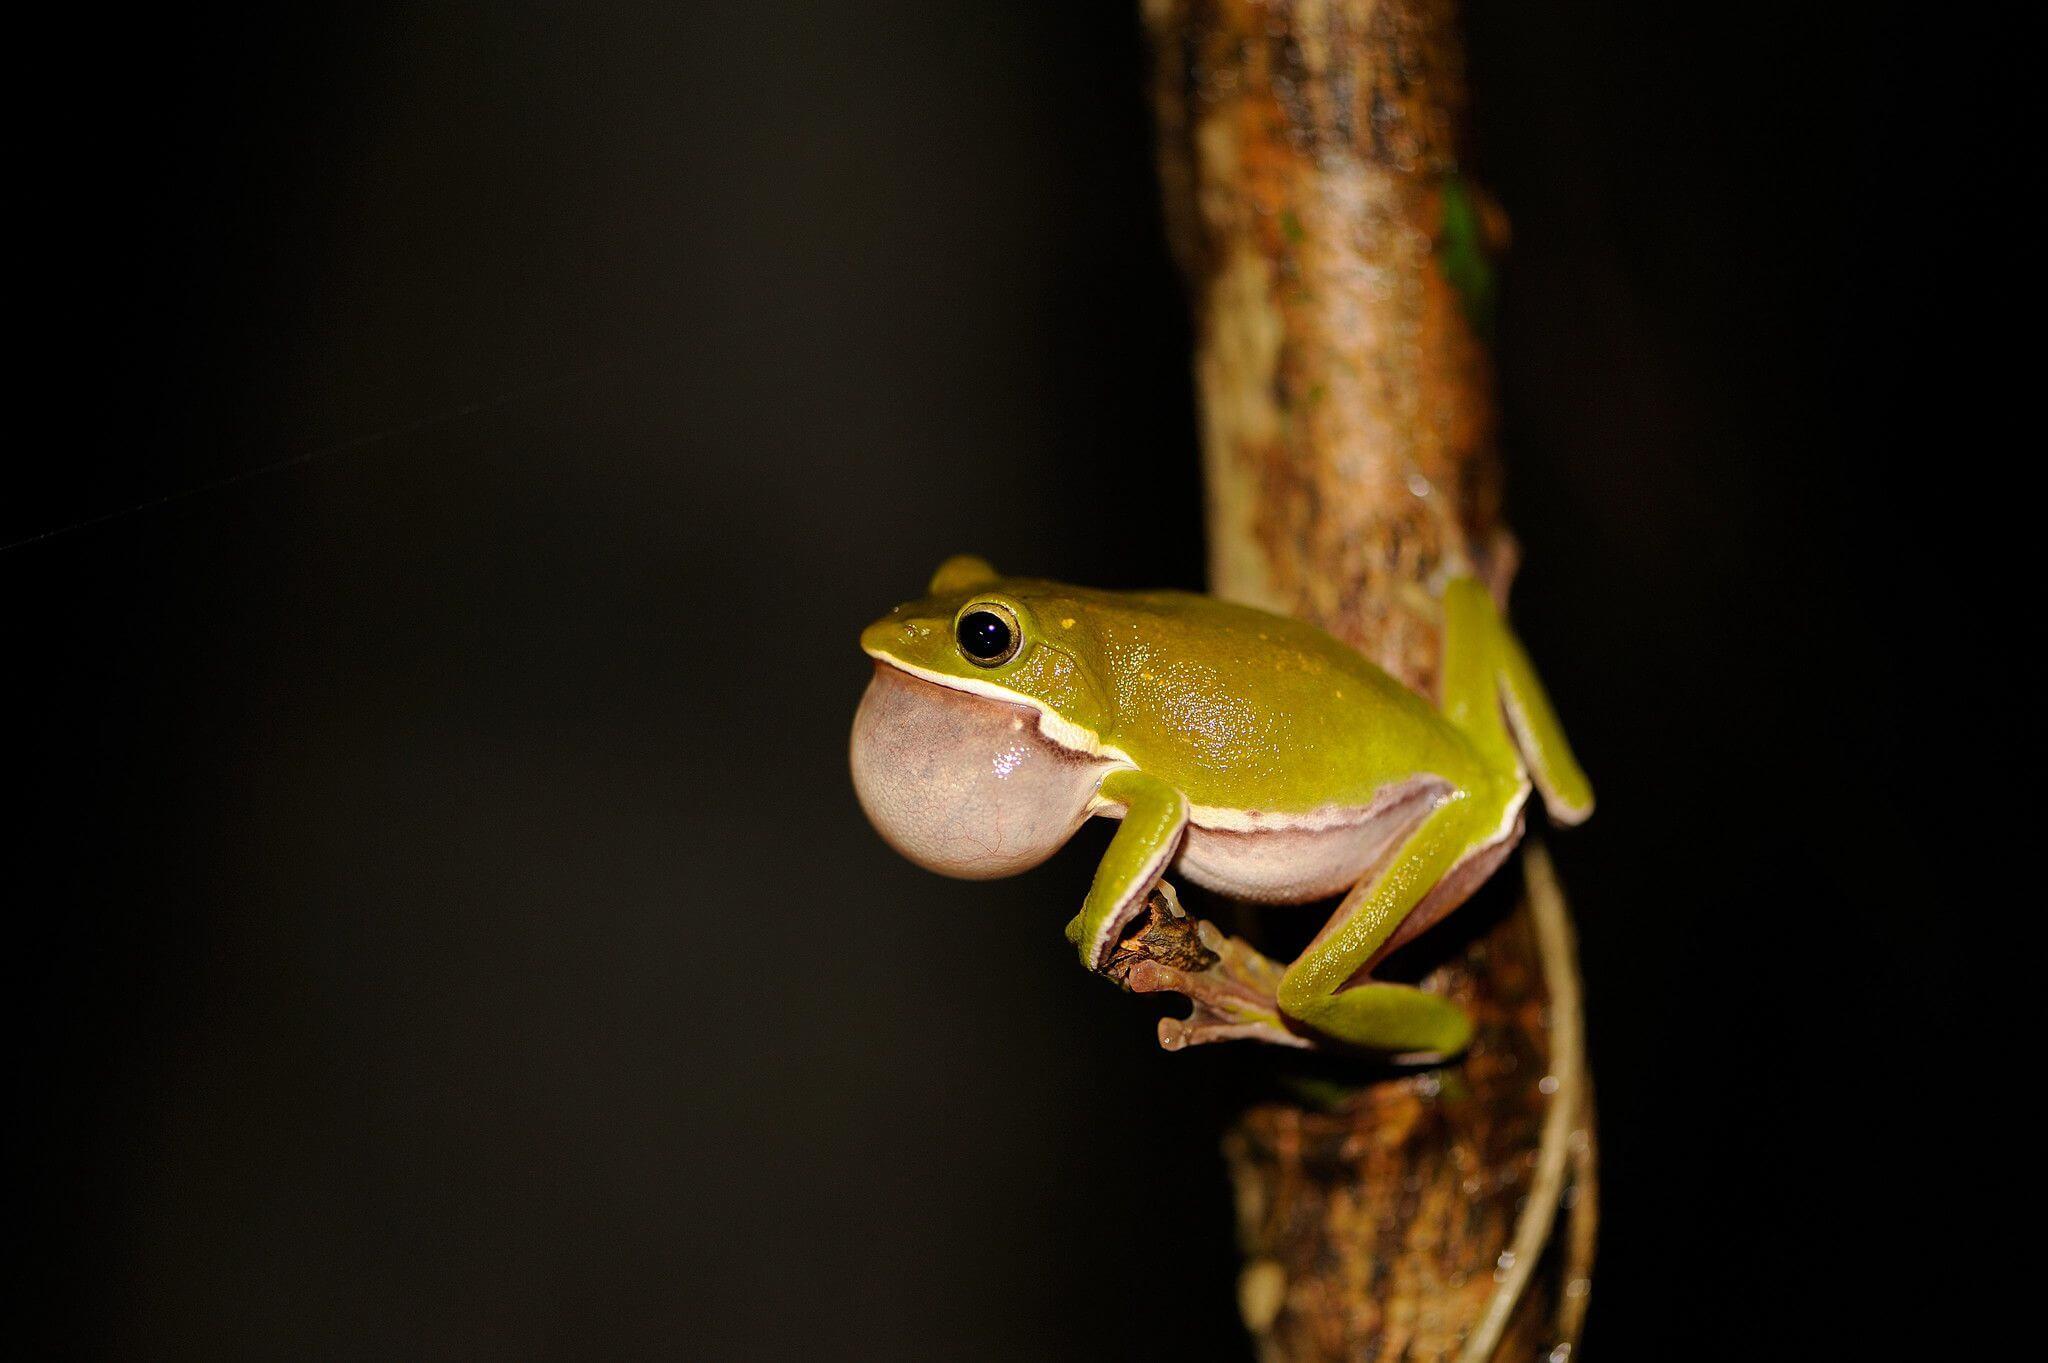 諸羅樹蛙保育 催生台糖土地信託運動